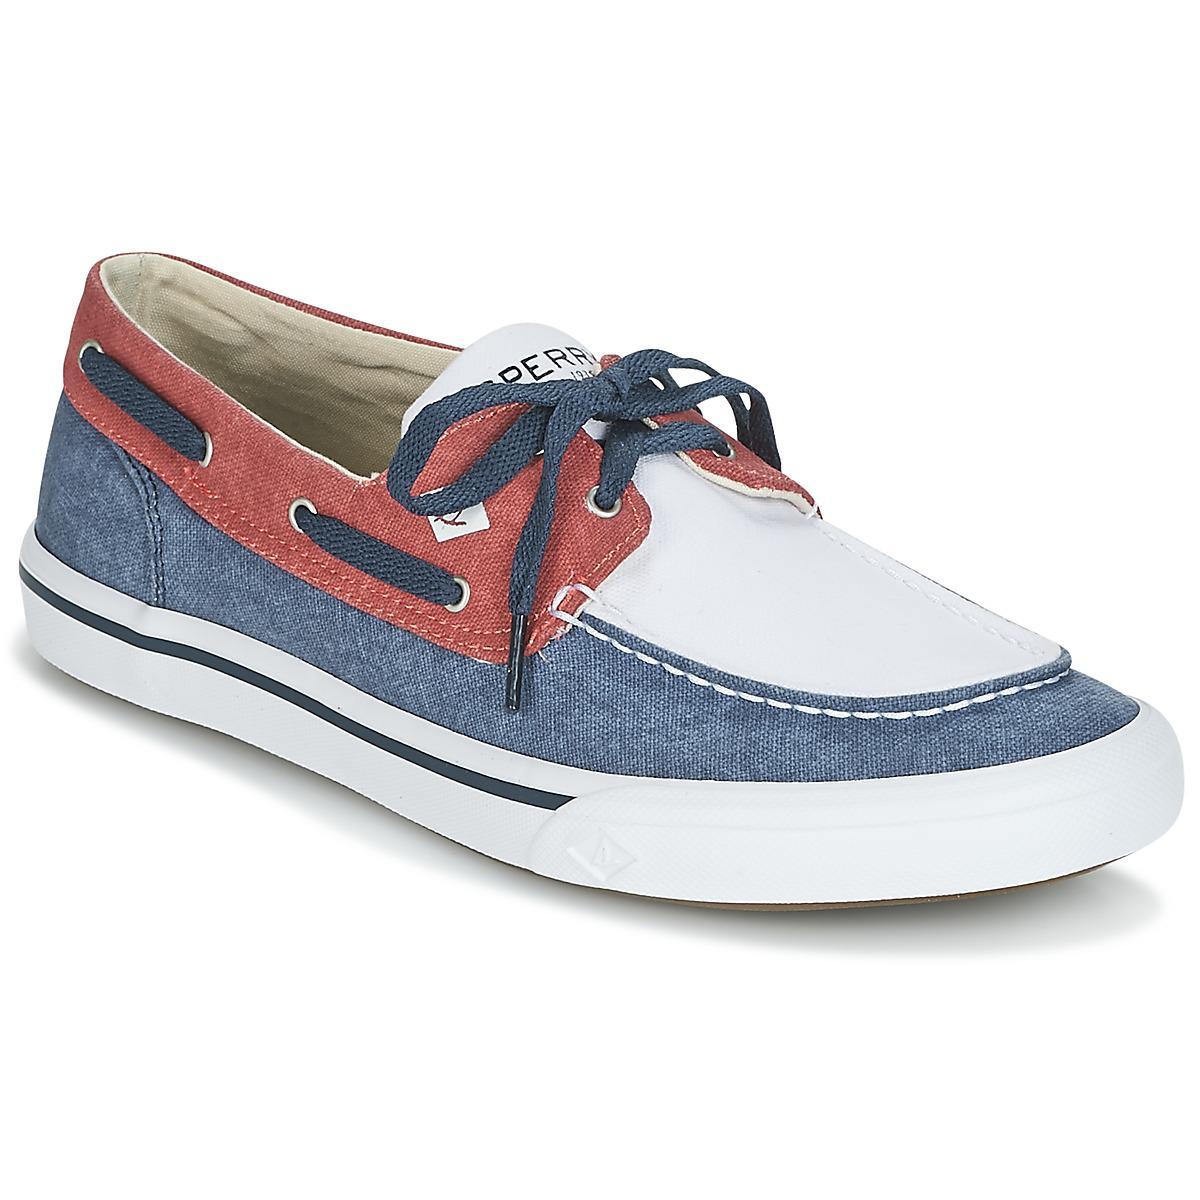 Hasil gambar untuk Sperry Striper 2 Boat Shoes